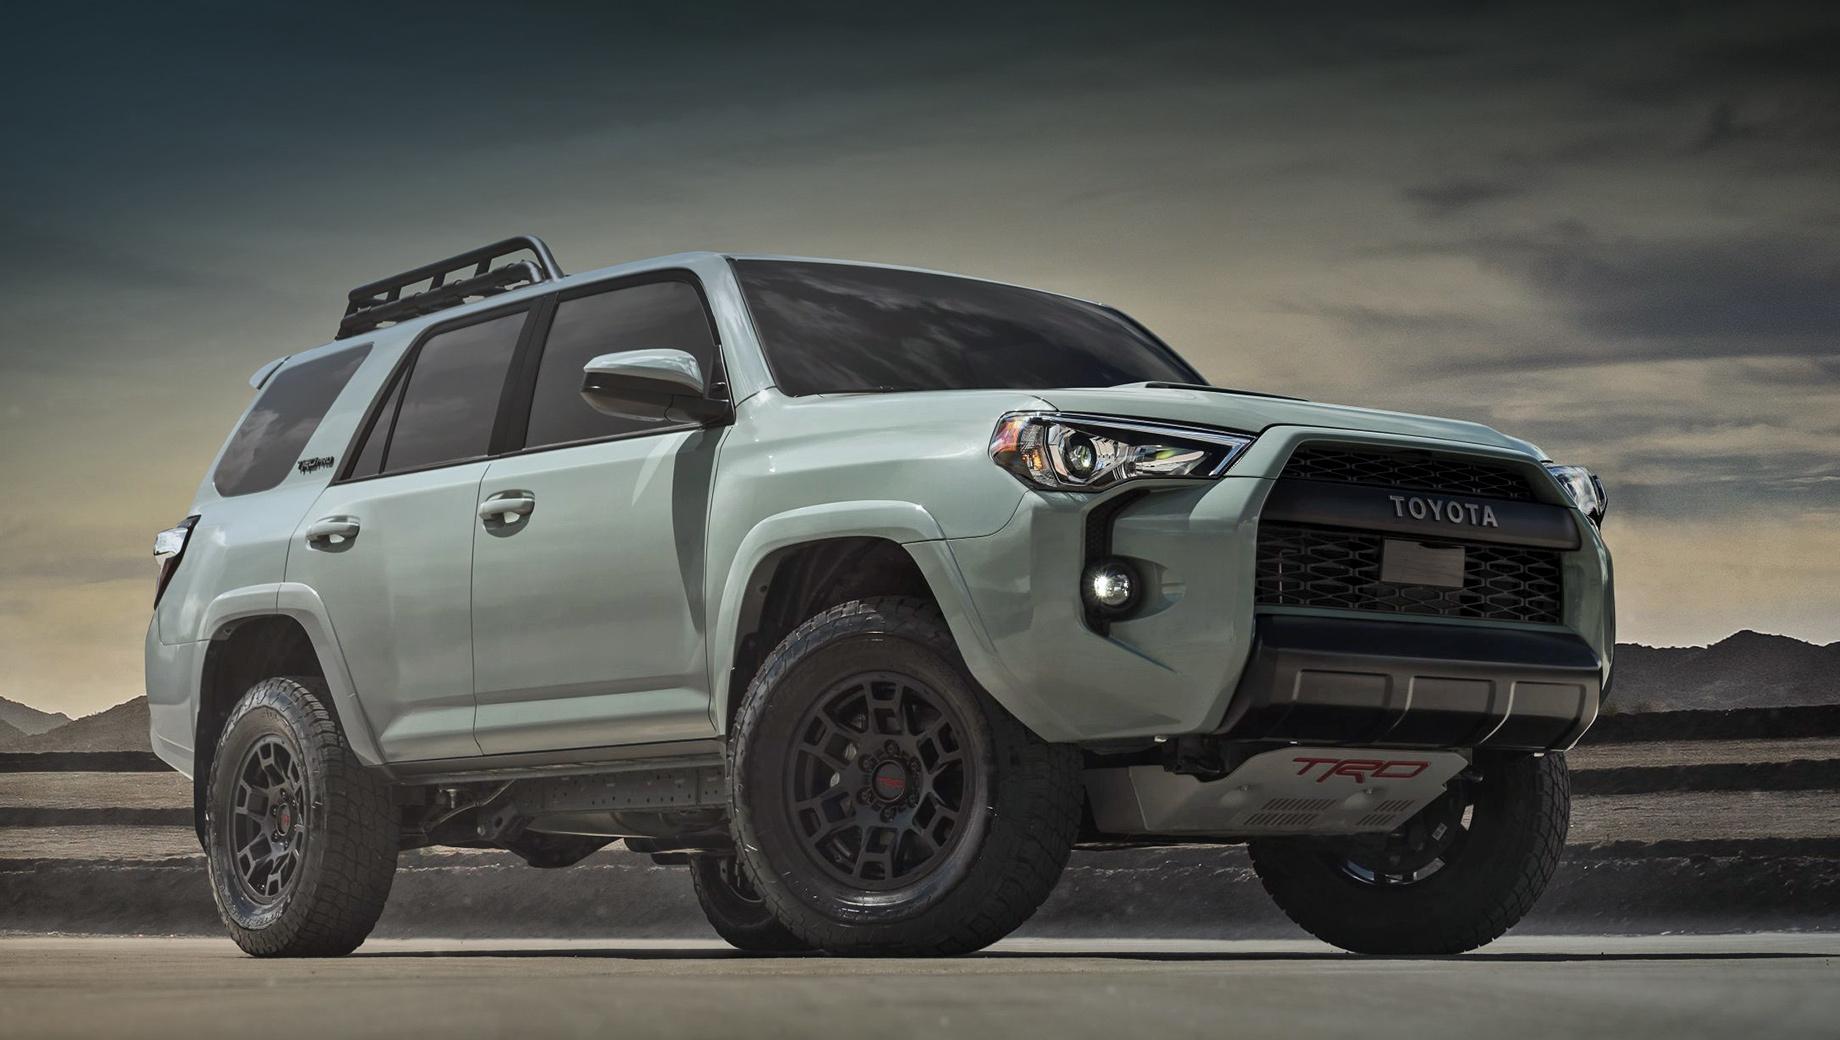 Toyota 4runner,Toyota tacoma,Toyota tundra,Toyota sequoia. Пока неизвестно, как обновление повлияет на цену автомобилей Toyota с пакетом TRD Pro. Сейчас за дореформенный 4Runner TRD Pro нужно заплатить $49 865 (3,5 млн рублей). Расширенная стальная защита днища и блокировка заднего дифференциала — базовое оснащение.